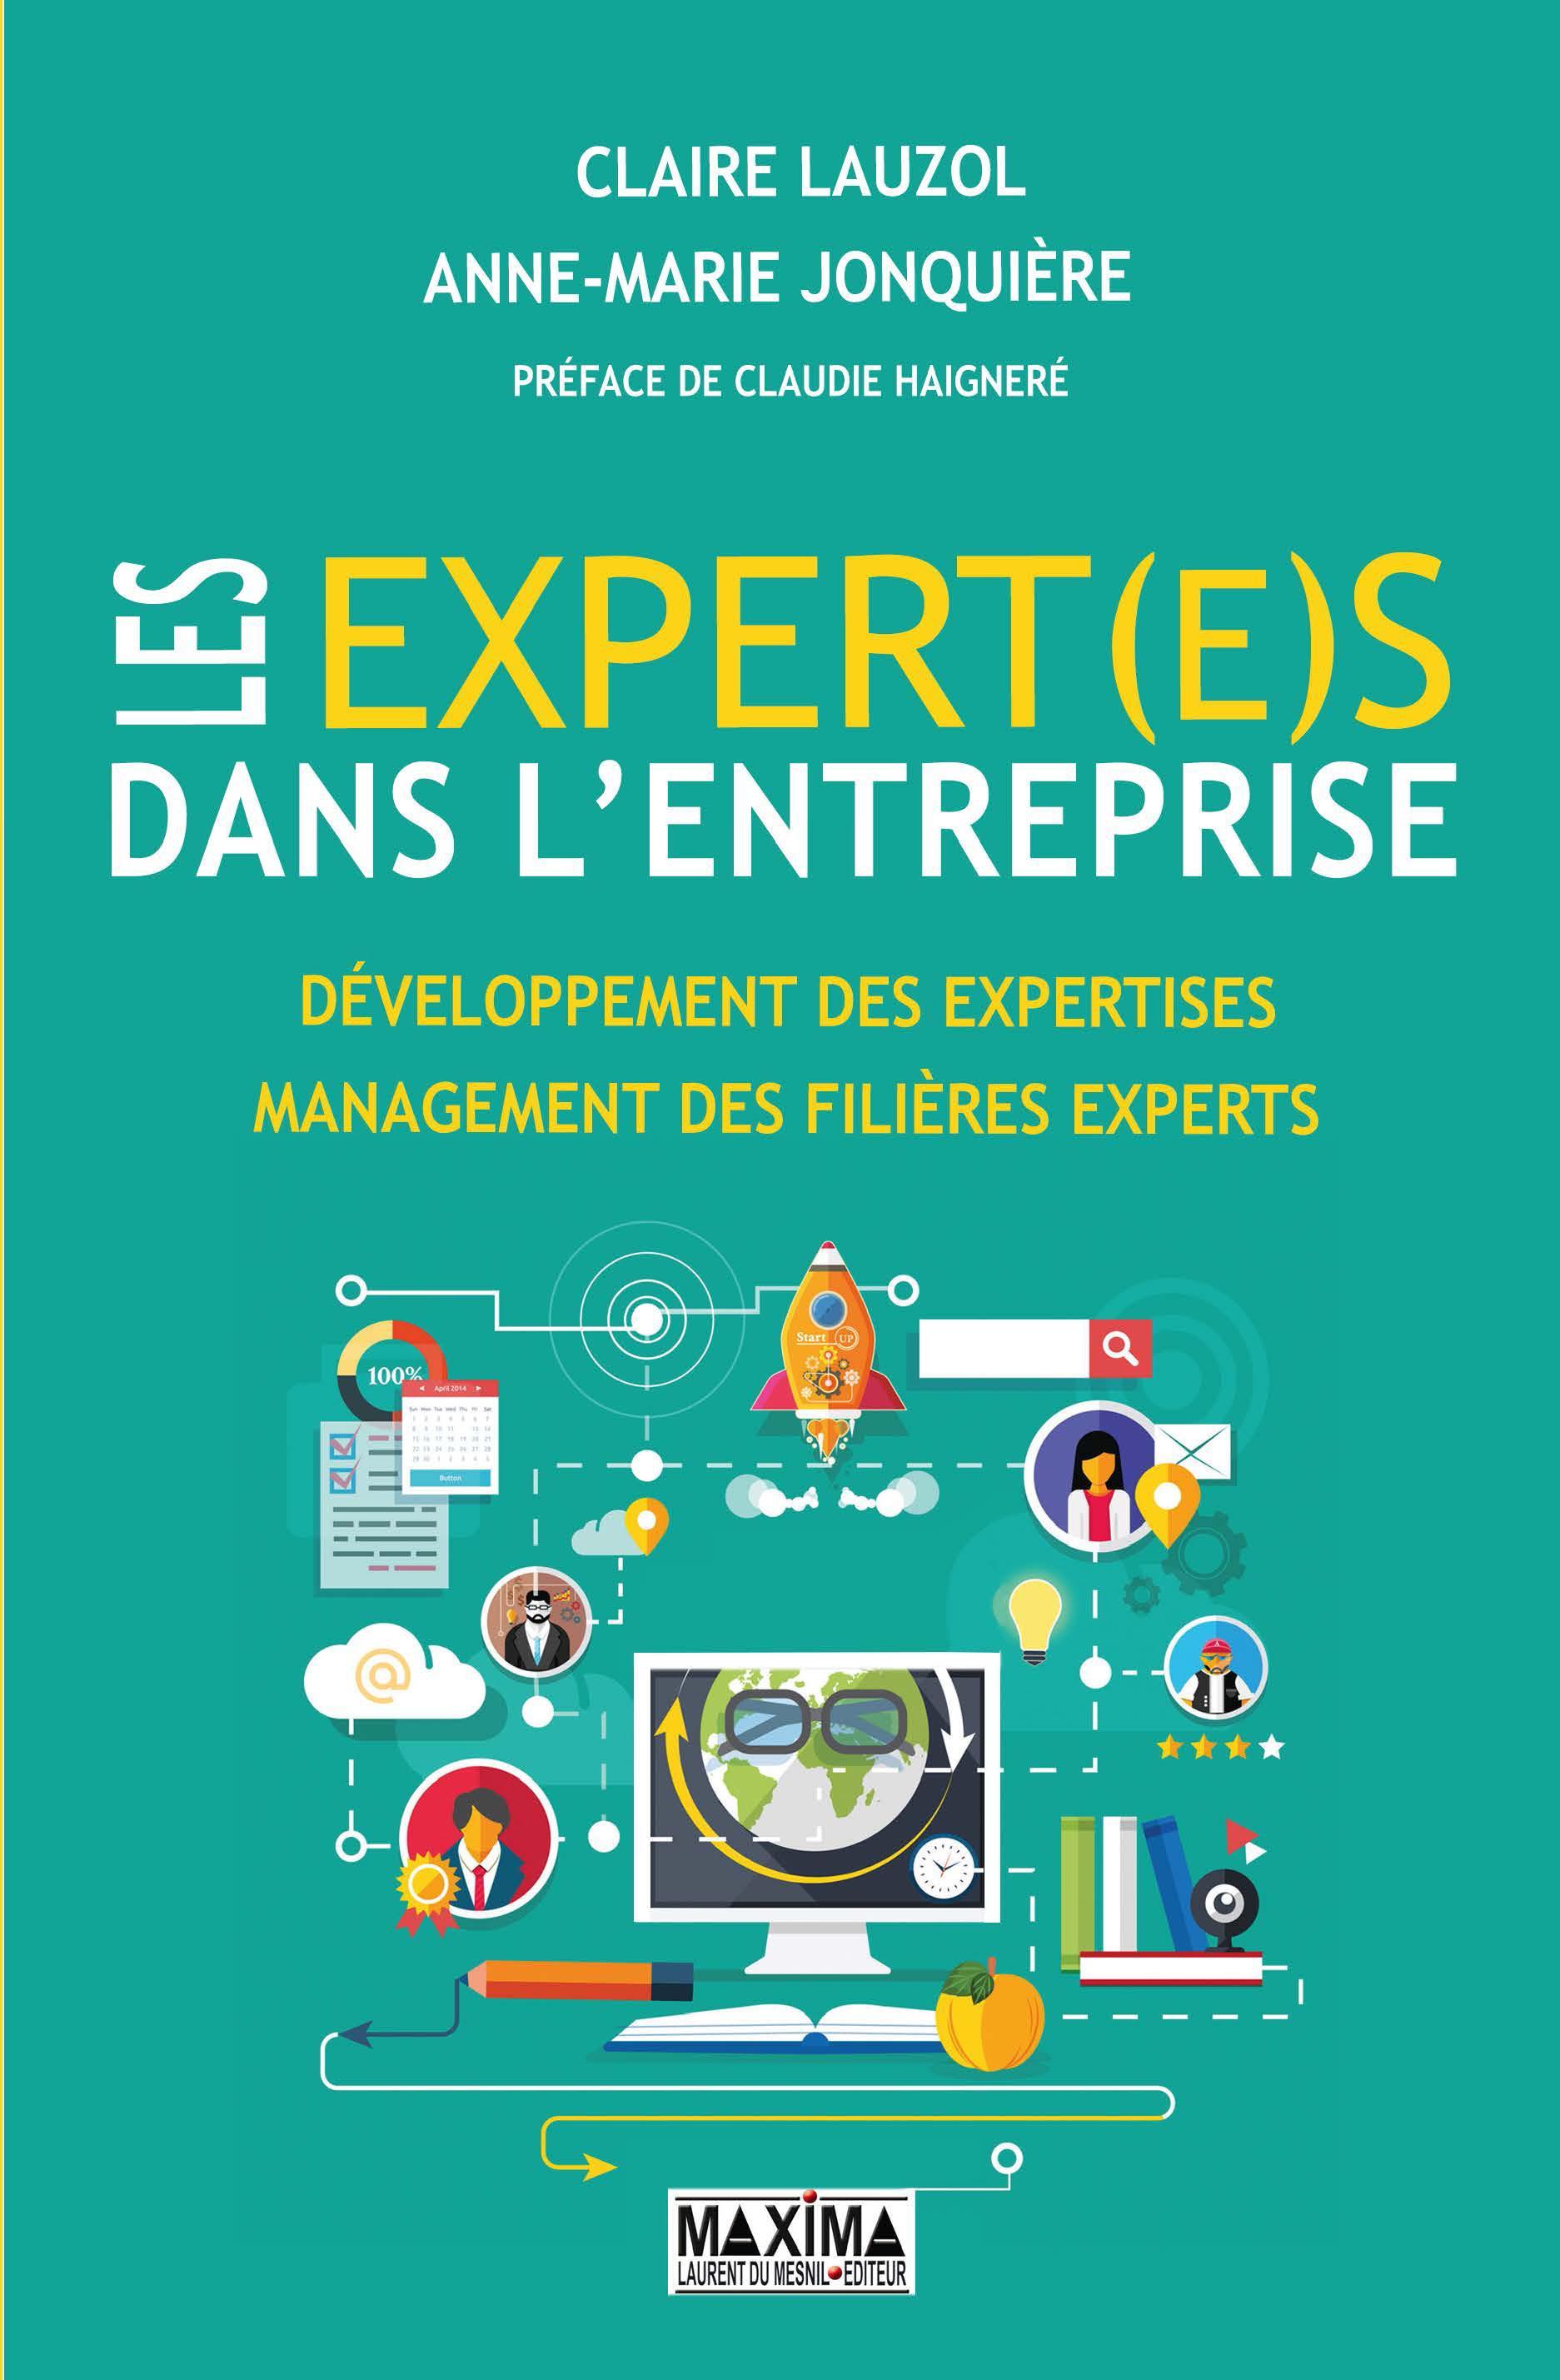 Les expert(e)s dans l'entreprise, DÉVELOPPEMENNT DES EXPERTISES, MANAGEMENT DES FILIÈRES EXPERTS